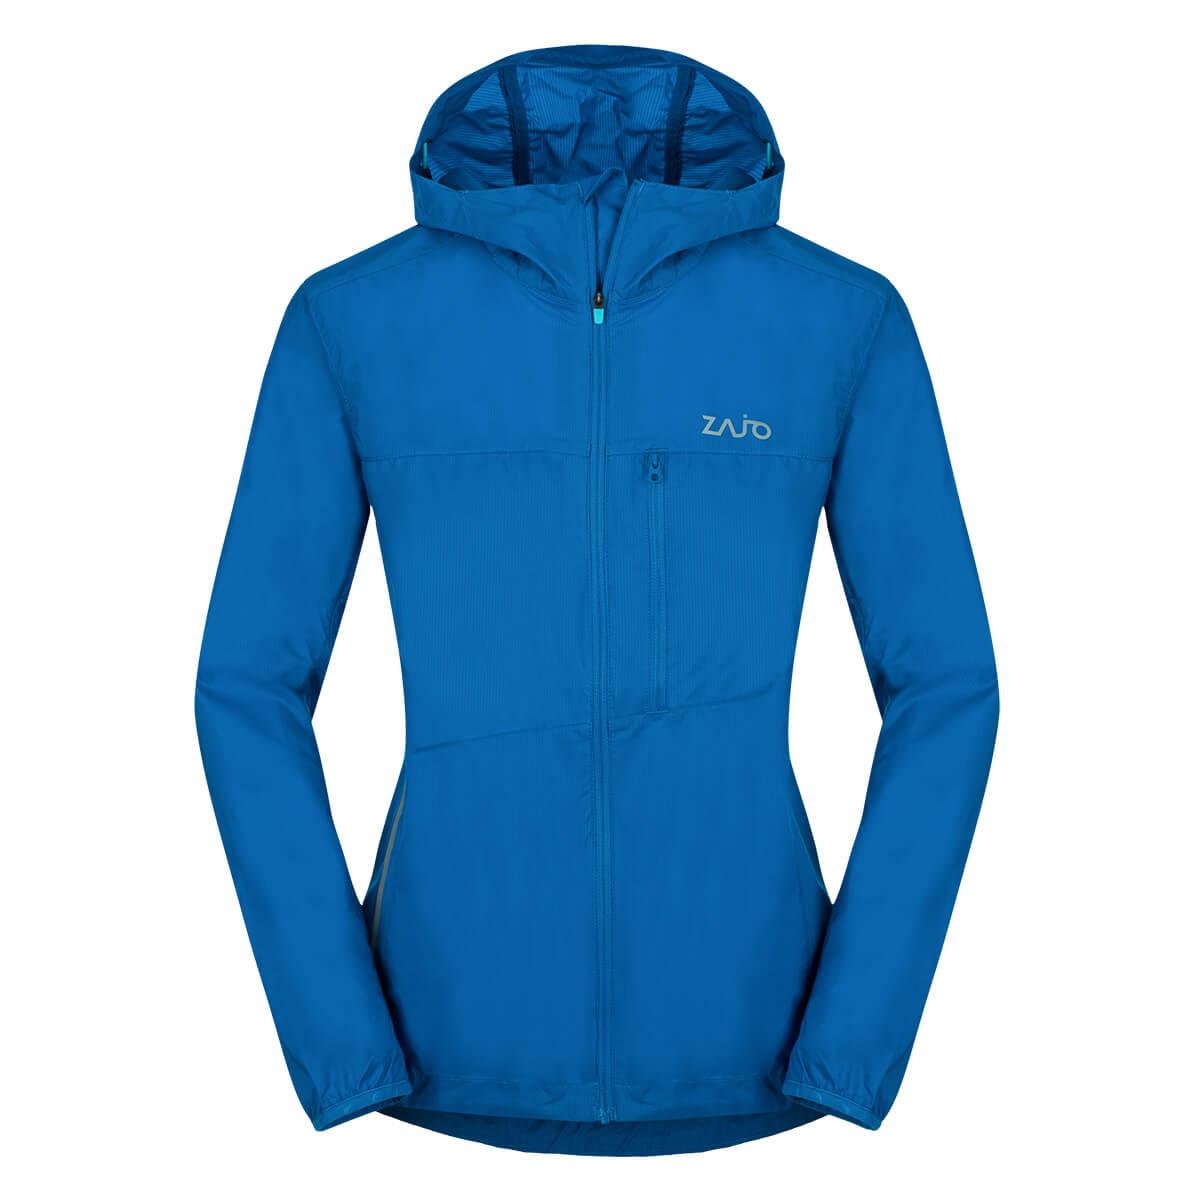 ZAJO Litio W JKT Nautical Blue dámska bunda - veľkosť XS